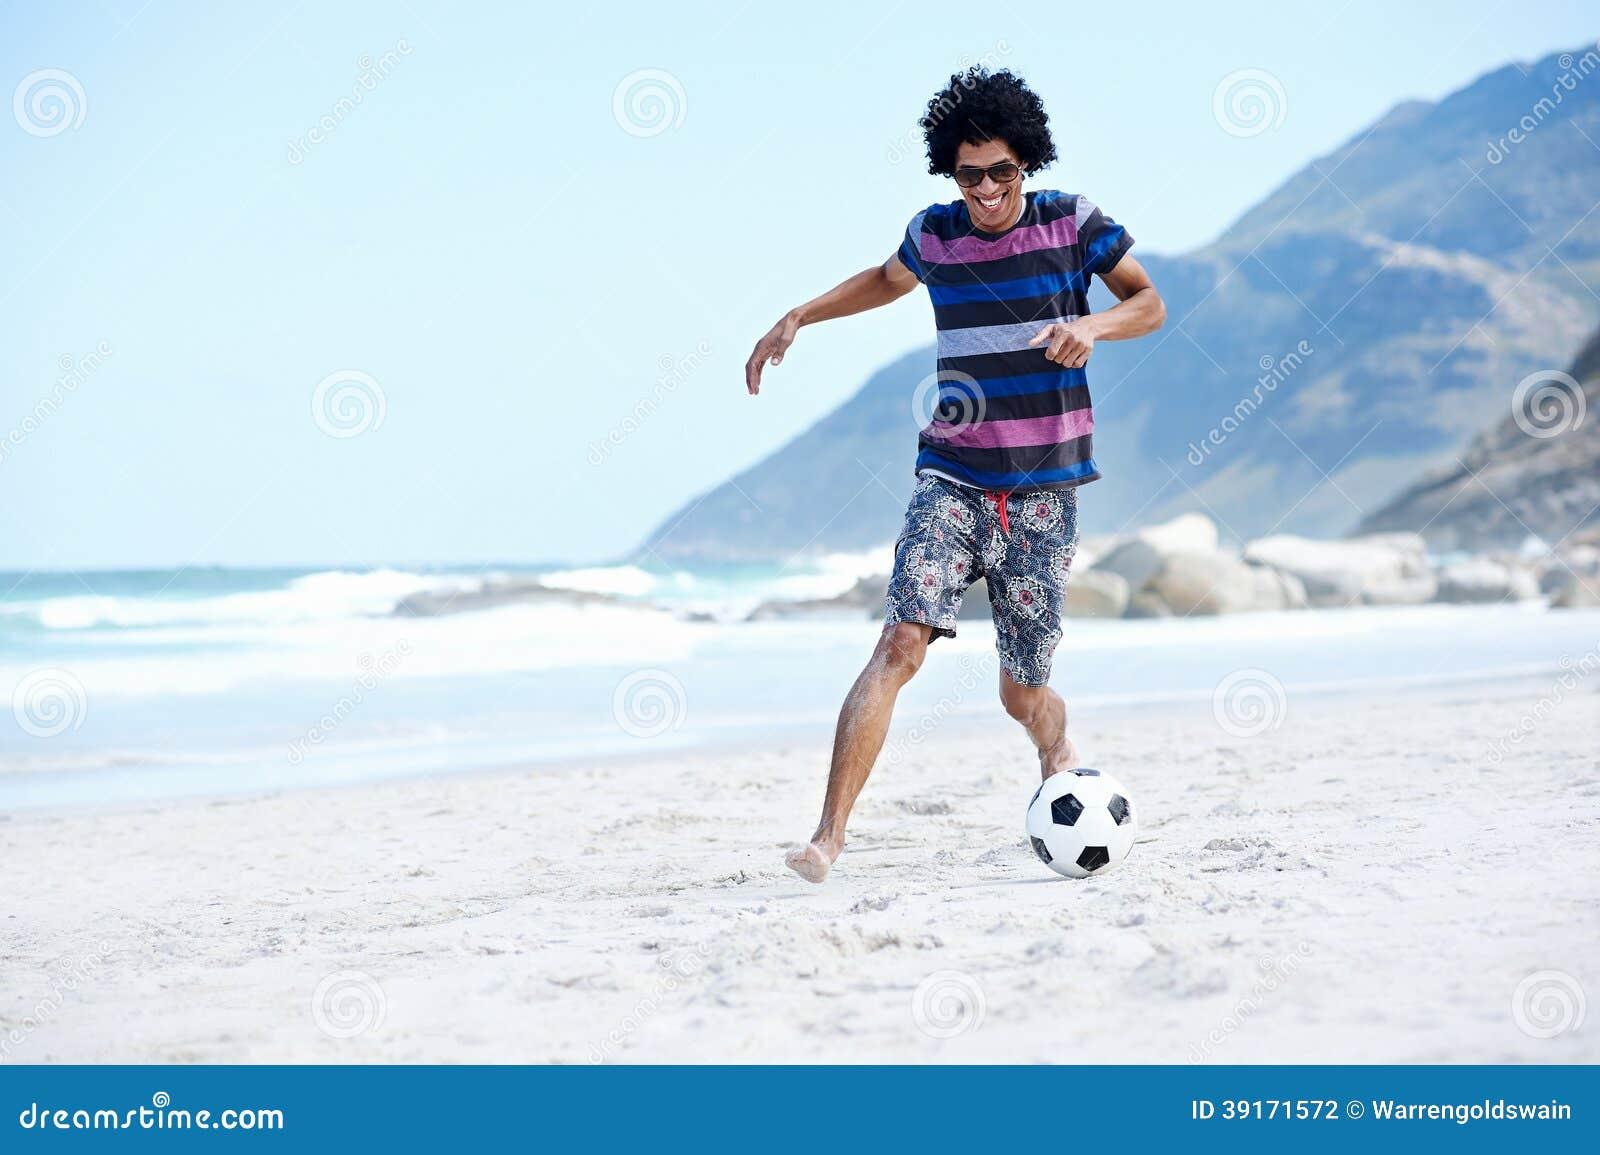 拉美裔踢在海滩与一滴技巧和球的巴西人足球在度假.图片